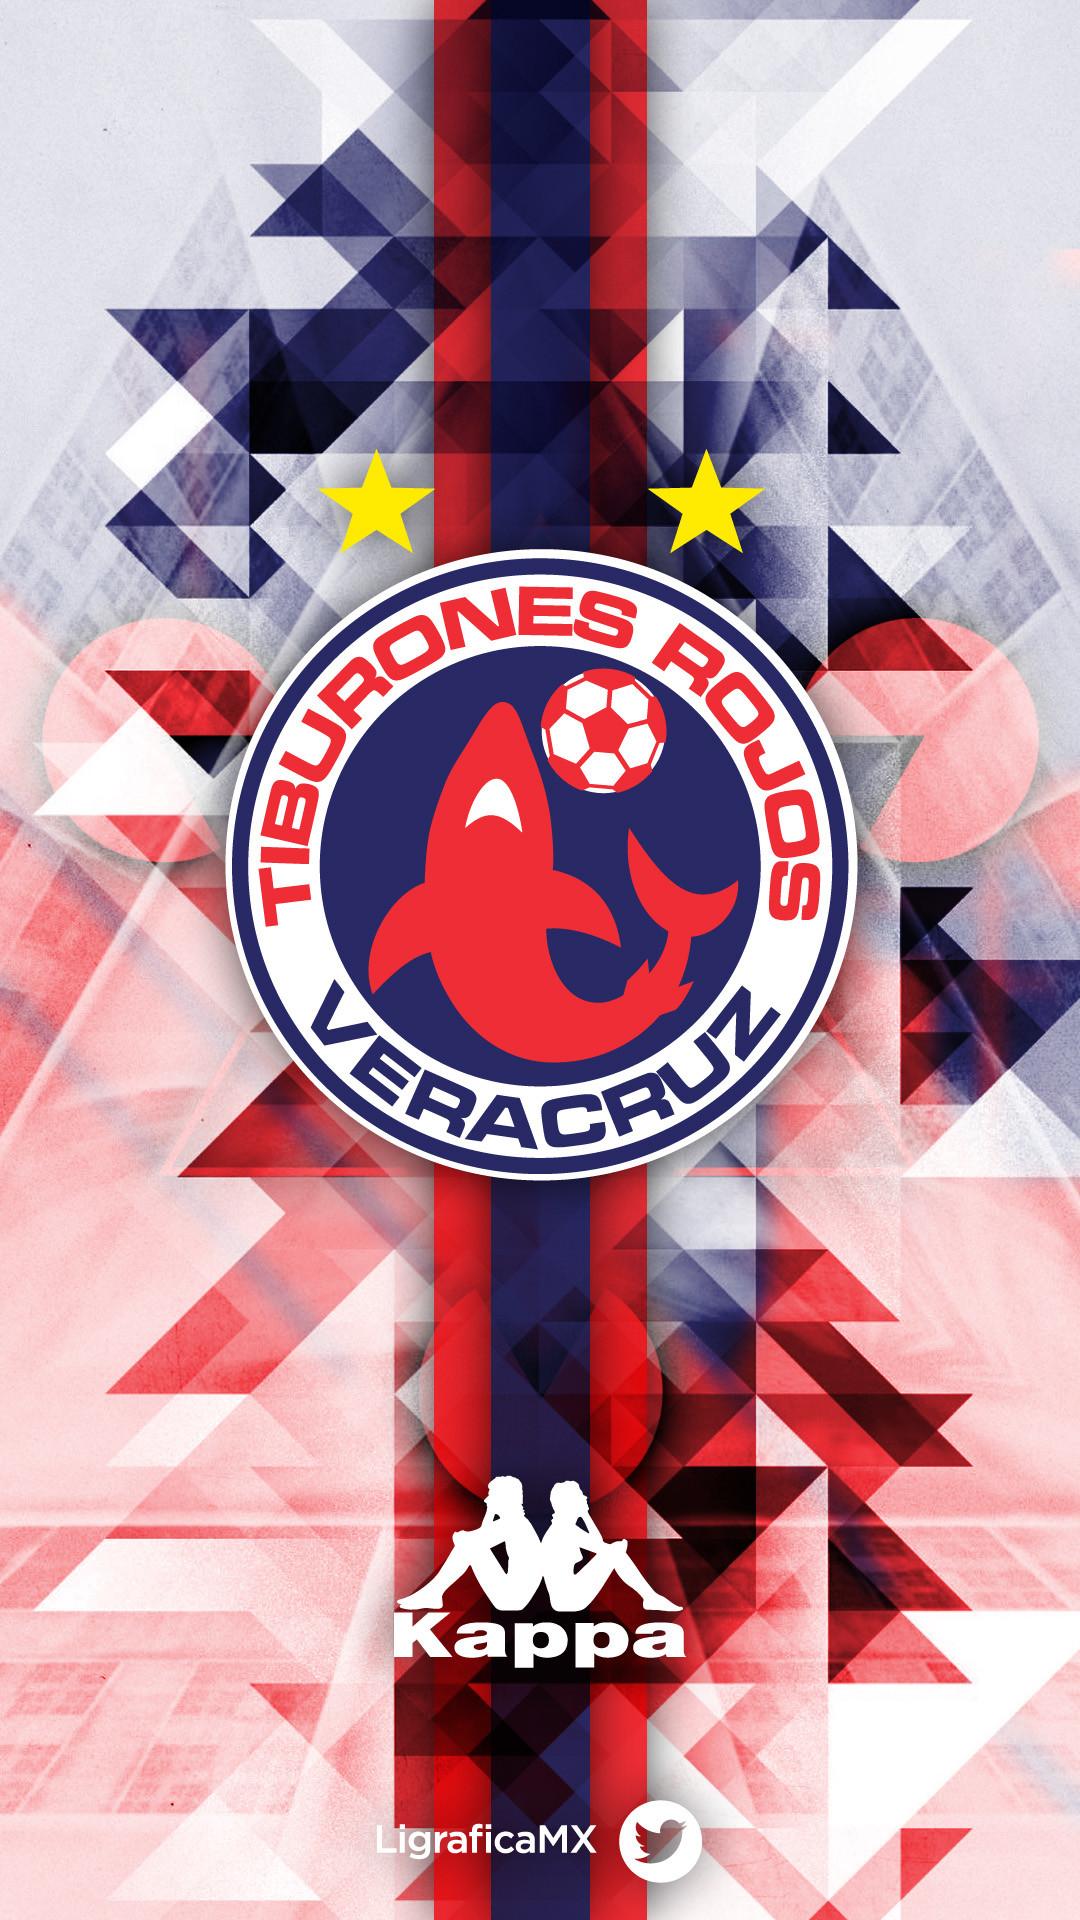 @Tiburones Rojos de Veracruz • LigraficaMX 280314CTG Â¡El fútbol nos inspira!